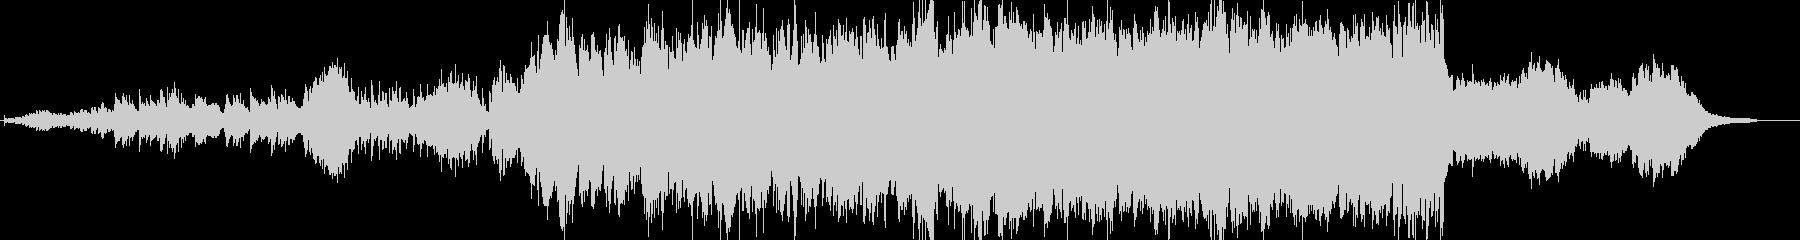 始まりを連想するオーケストラ風BGMの未再生の波形